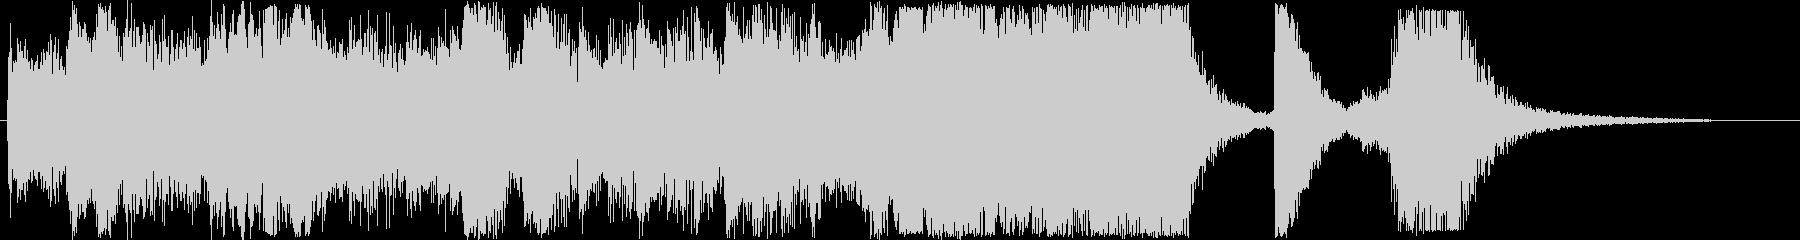 感動的なシンセなどの短めサウンドの未再生の波形